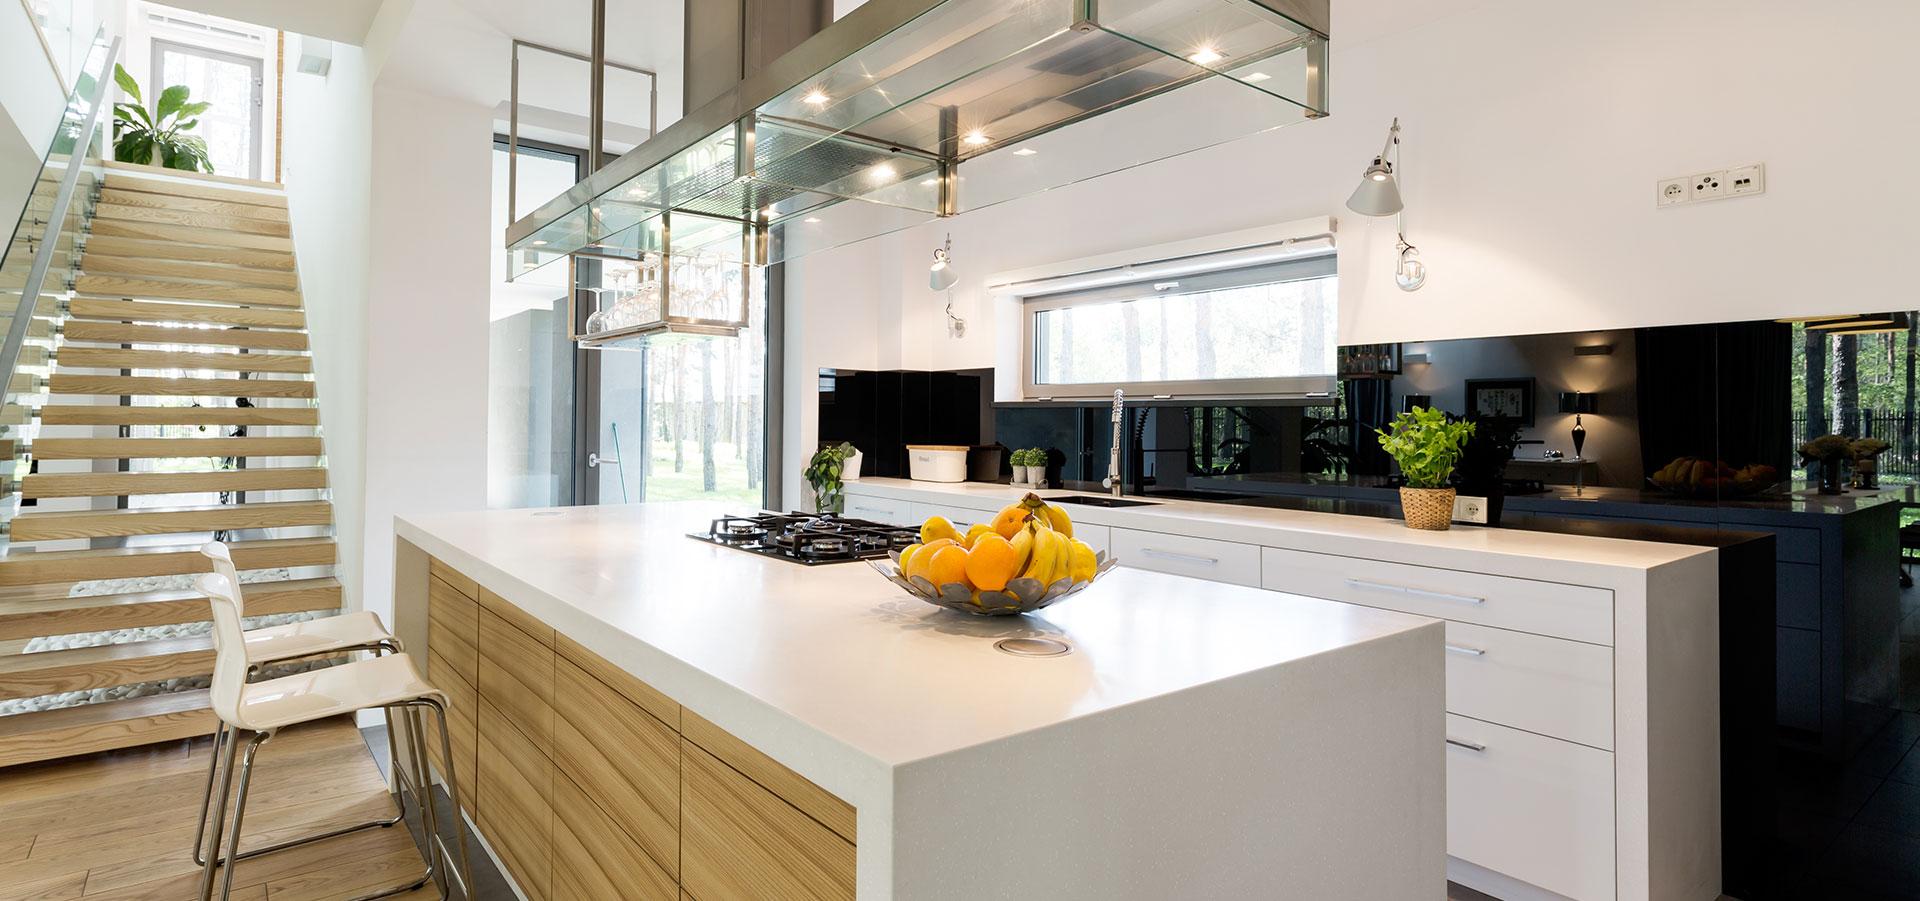 Kjøkkenvegg i glass – dette bør du vite